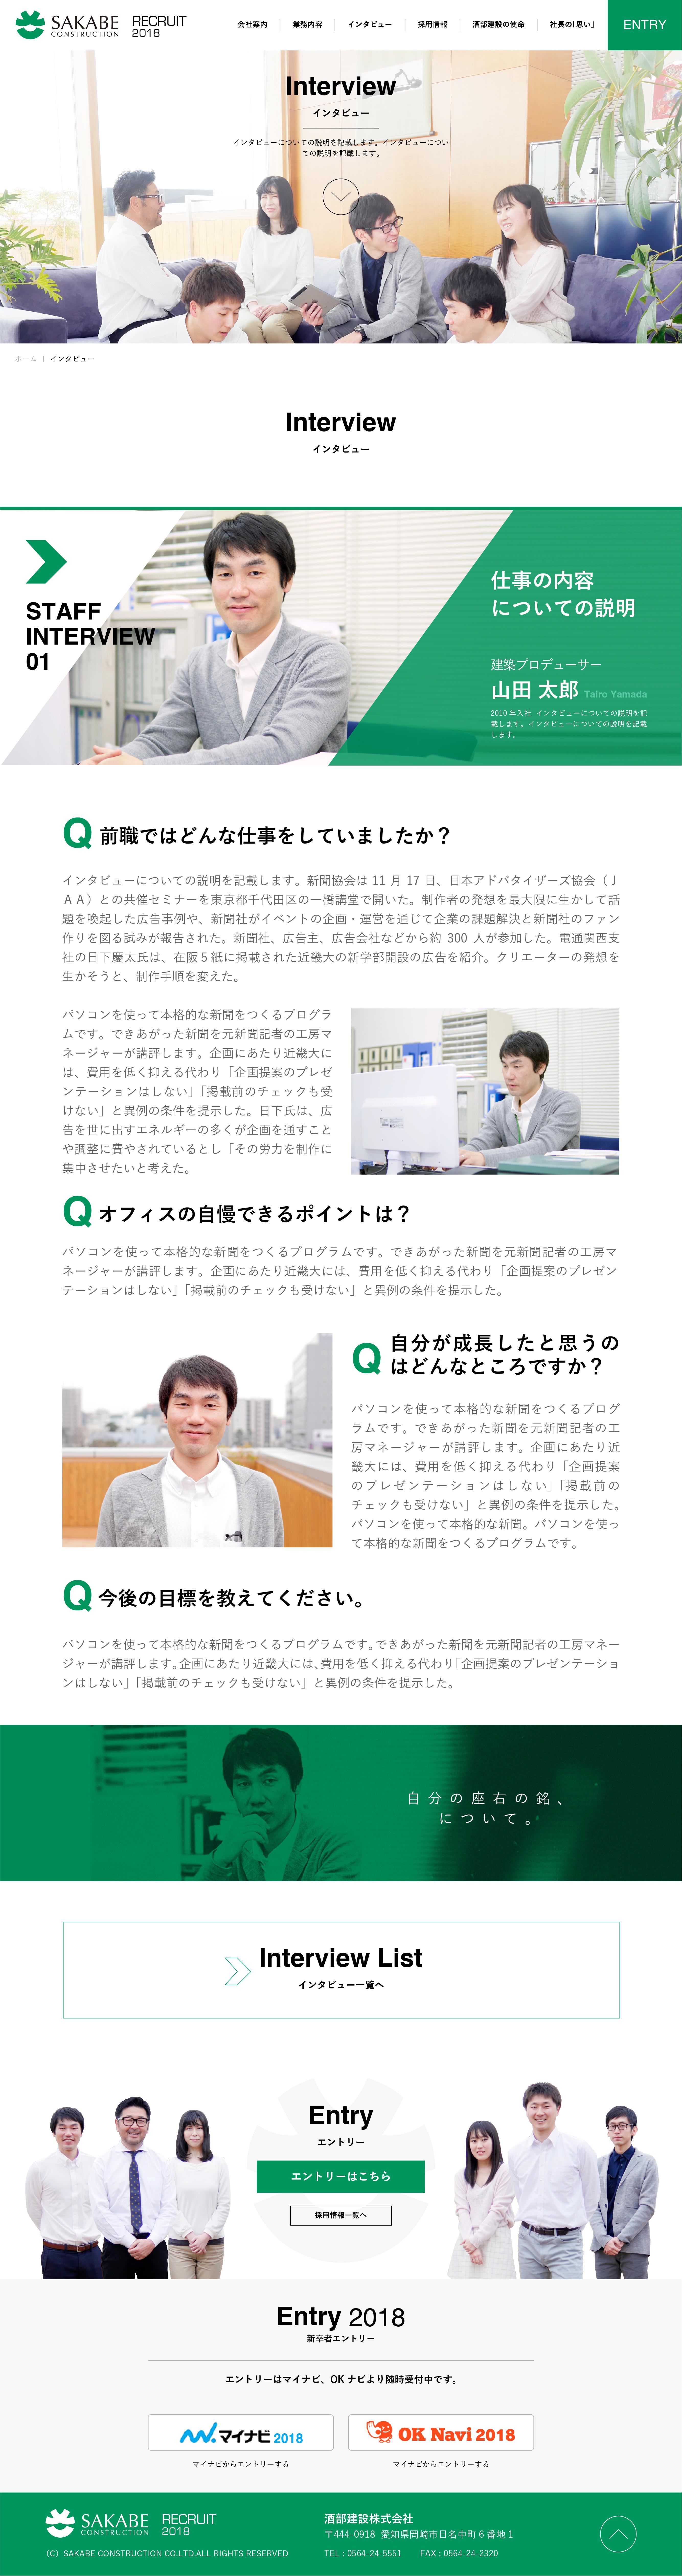 sakabe_interview_01-02